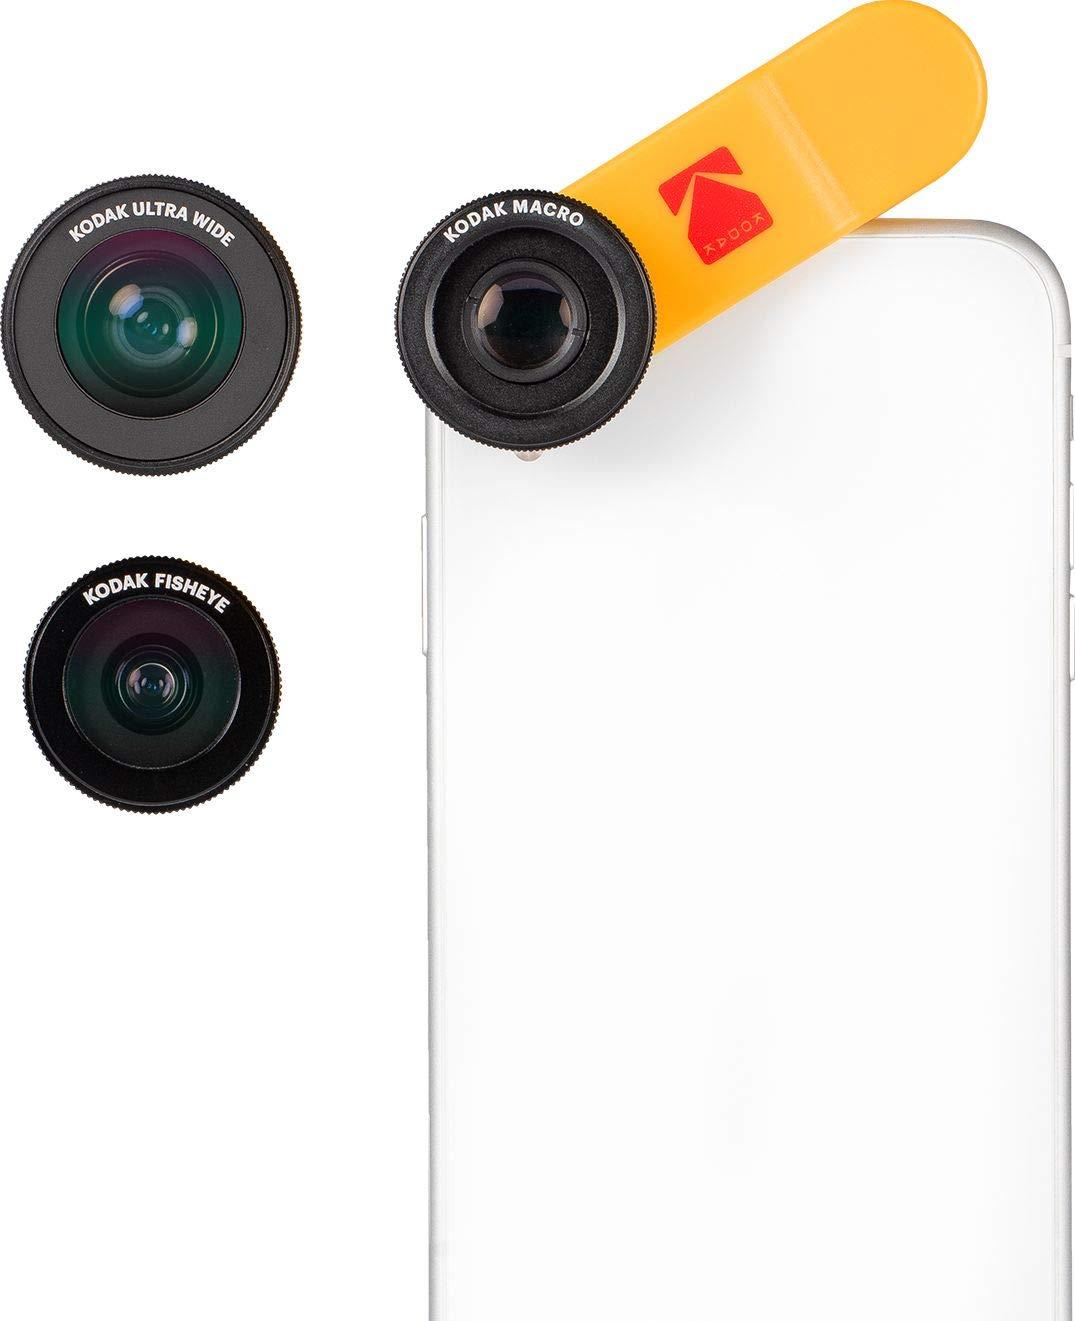 KODAK Smartphone 3-in-1 Lens Set Ultra Wide + Macro + Fisheye by KODAK